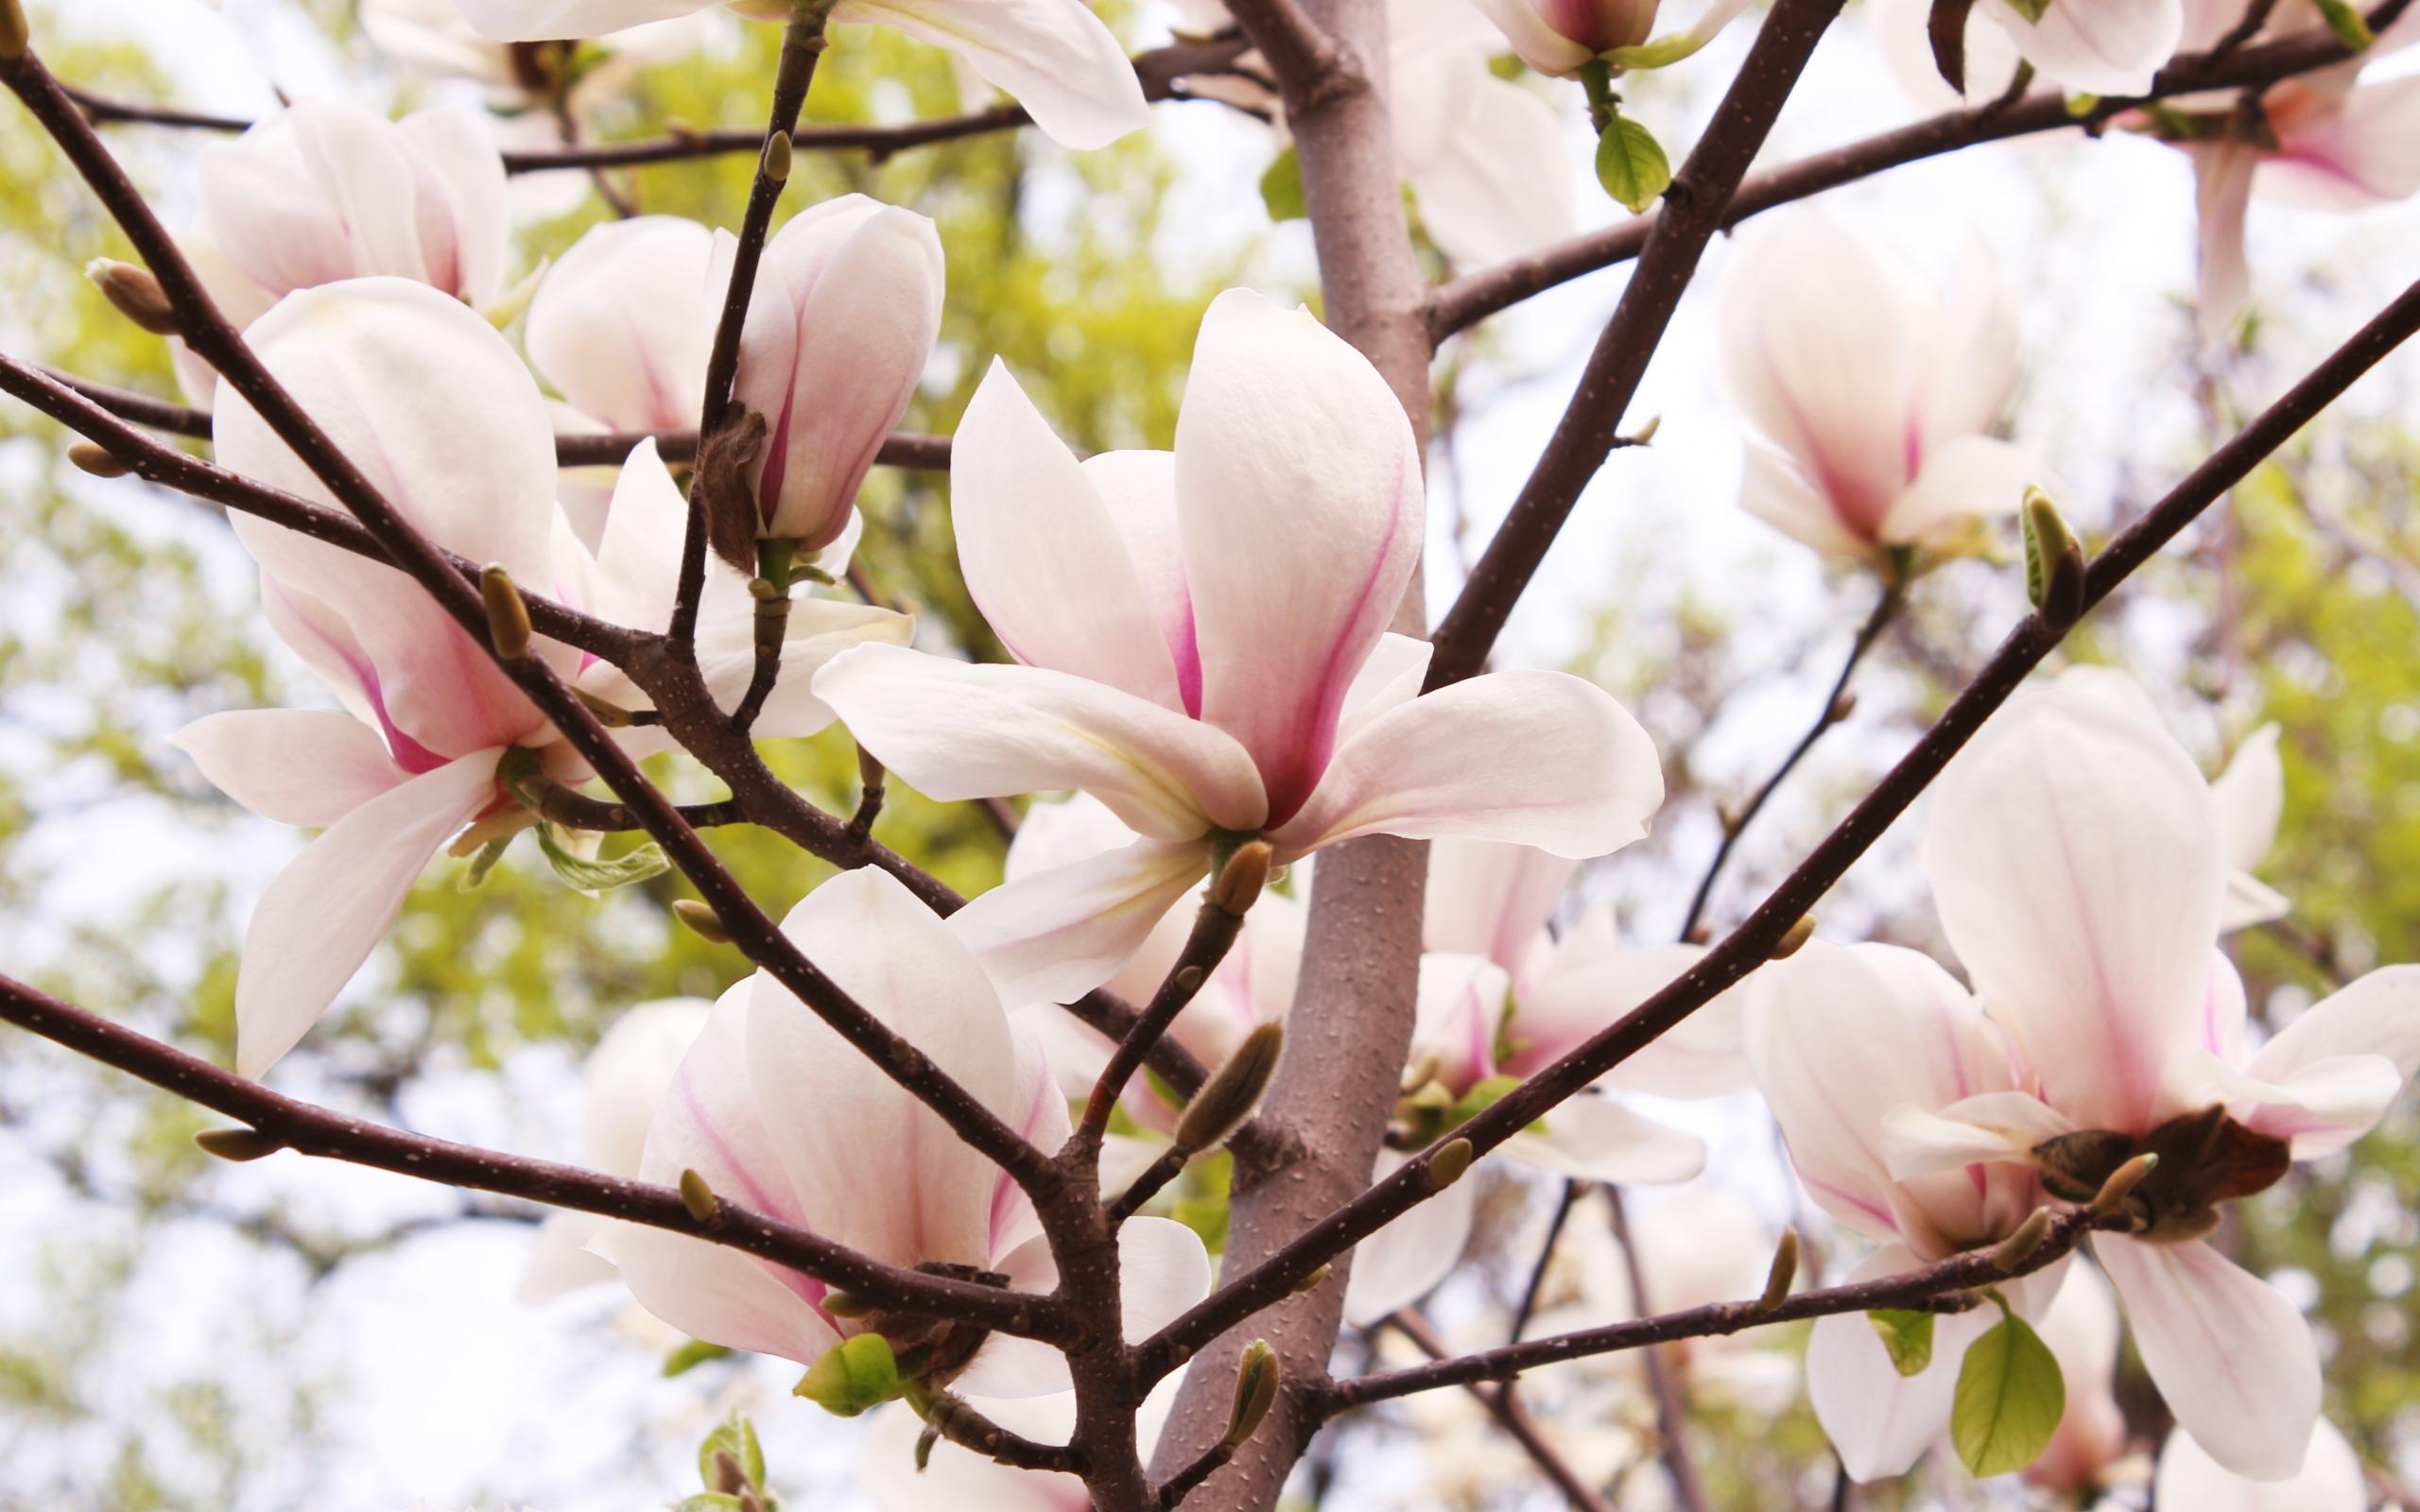 26087 скачать обои Растения, Цветы, Деревья - заставки и картинки бесплатно